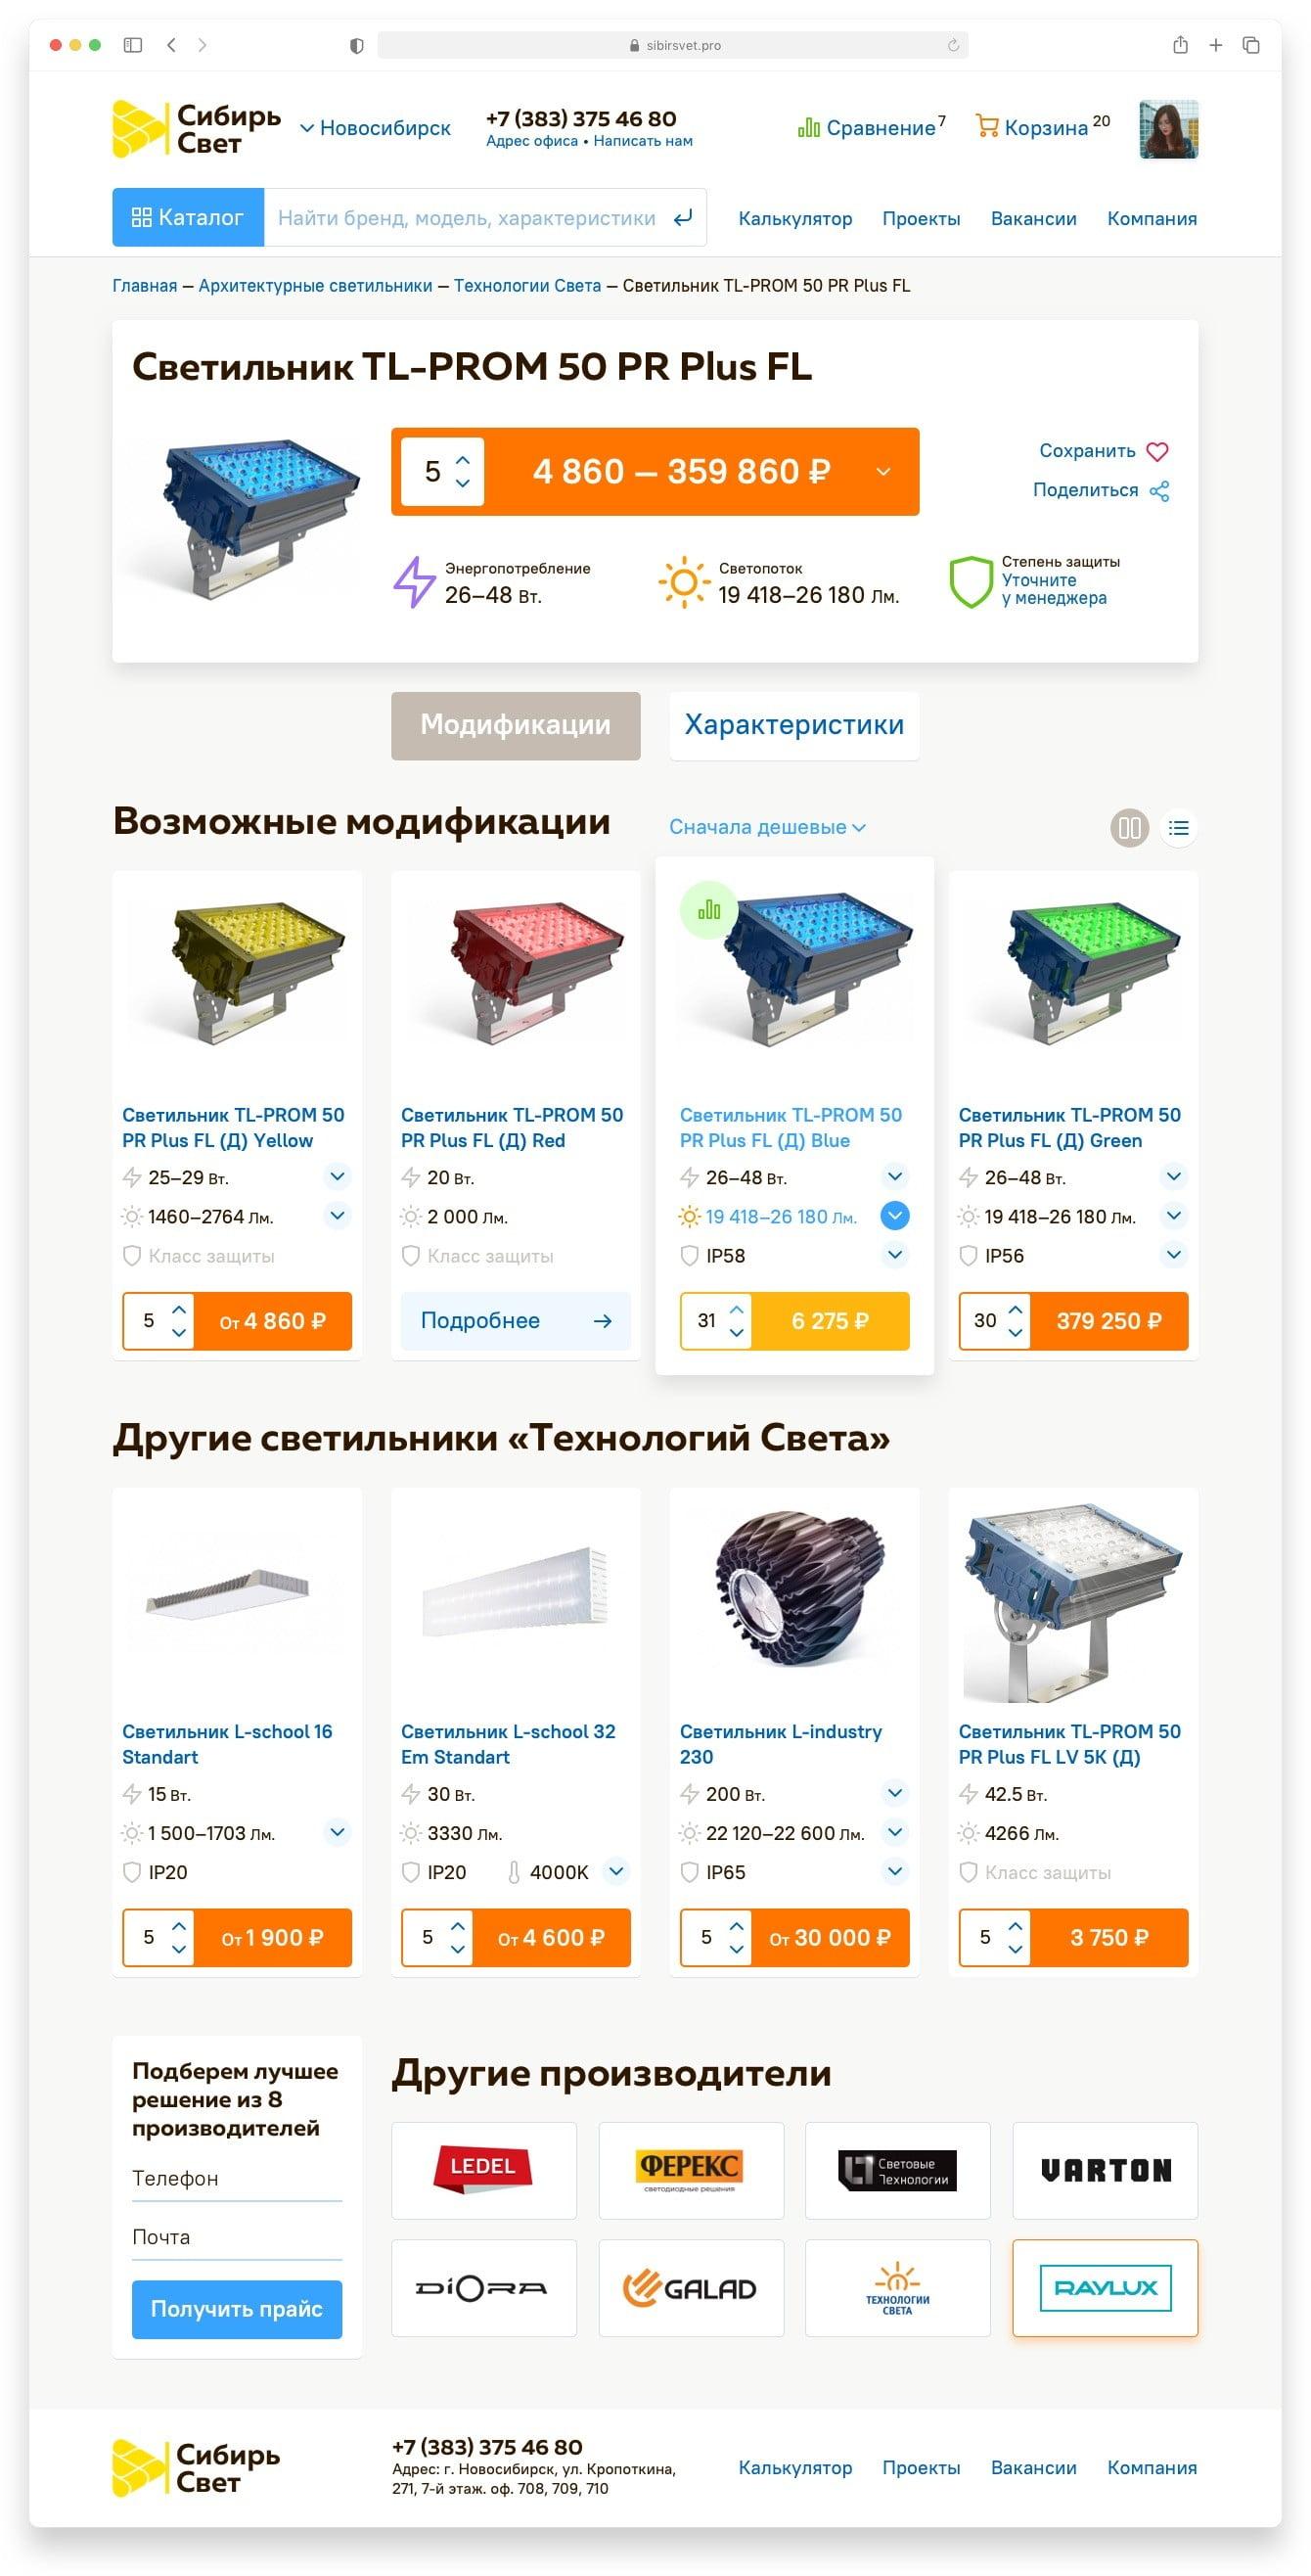 Магазин «Сибирьсвет» Сайт Артура Нецветаева — сайты, приложения, прототипы и оформление интерфейсов sibirsvet product website artur netsvetaev design